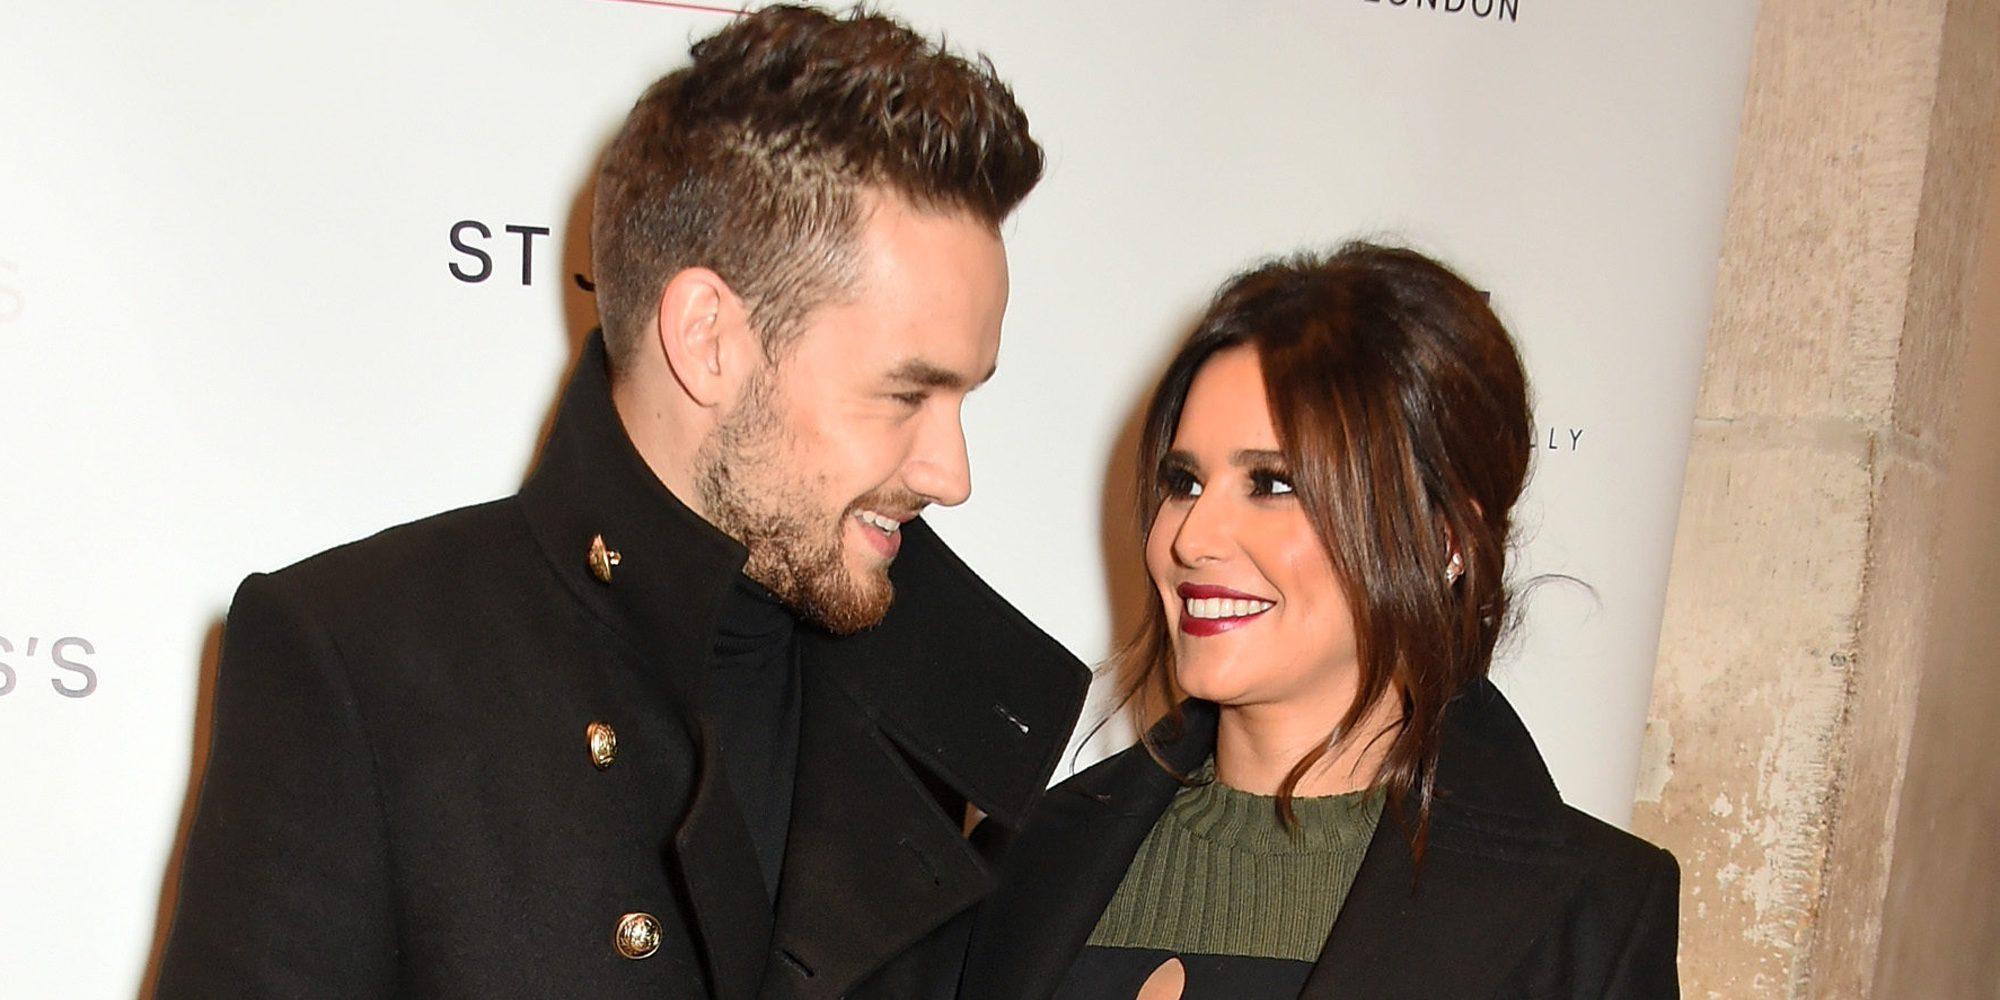 El extraño y divertido nombre elegido por Cheryl Cole y Liam Payne para su hijo